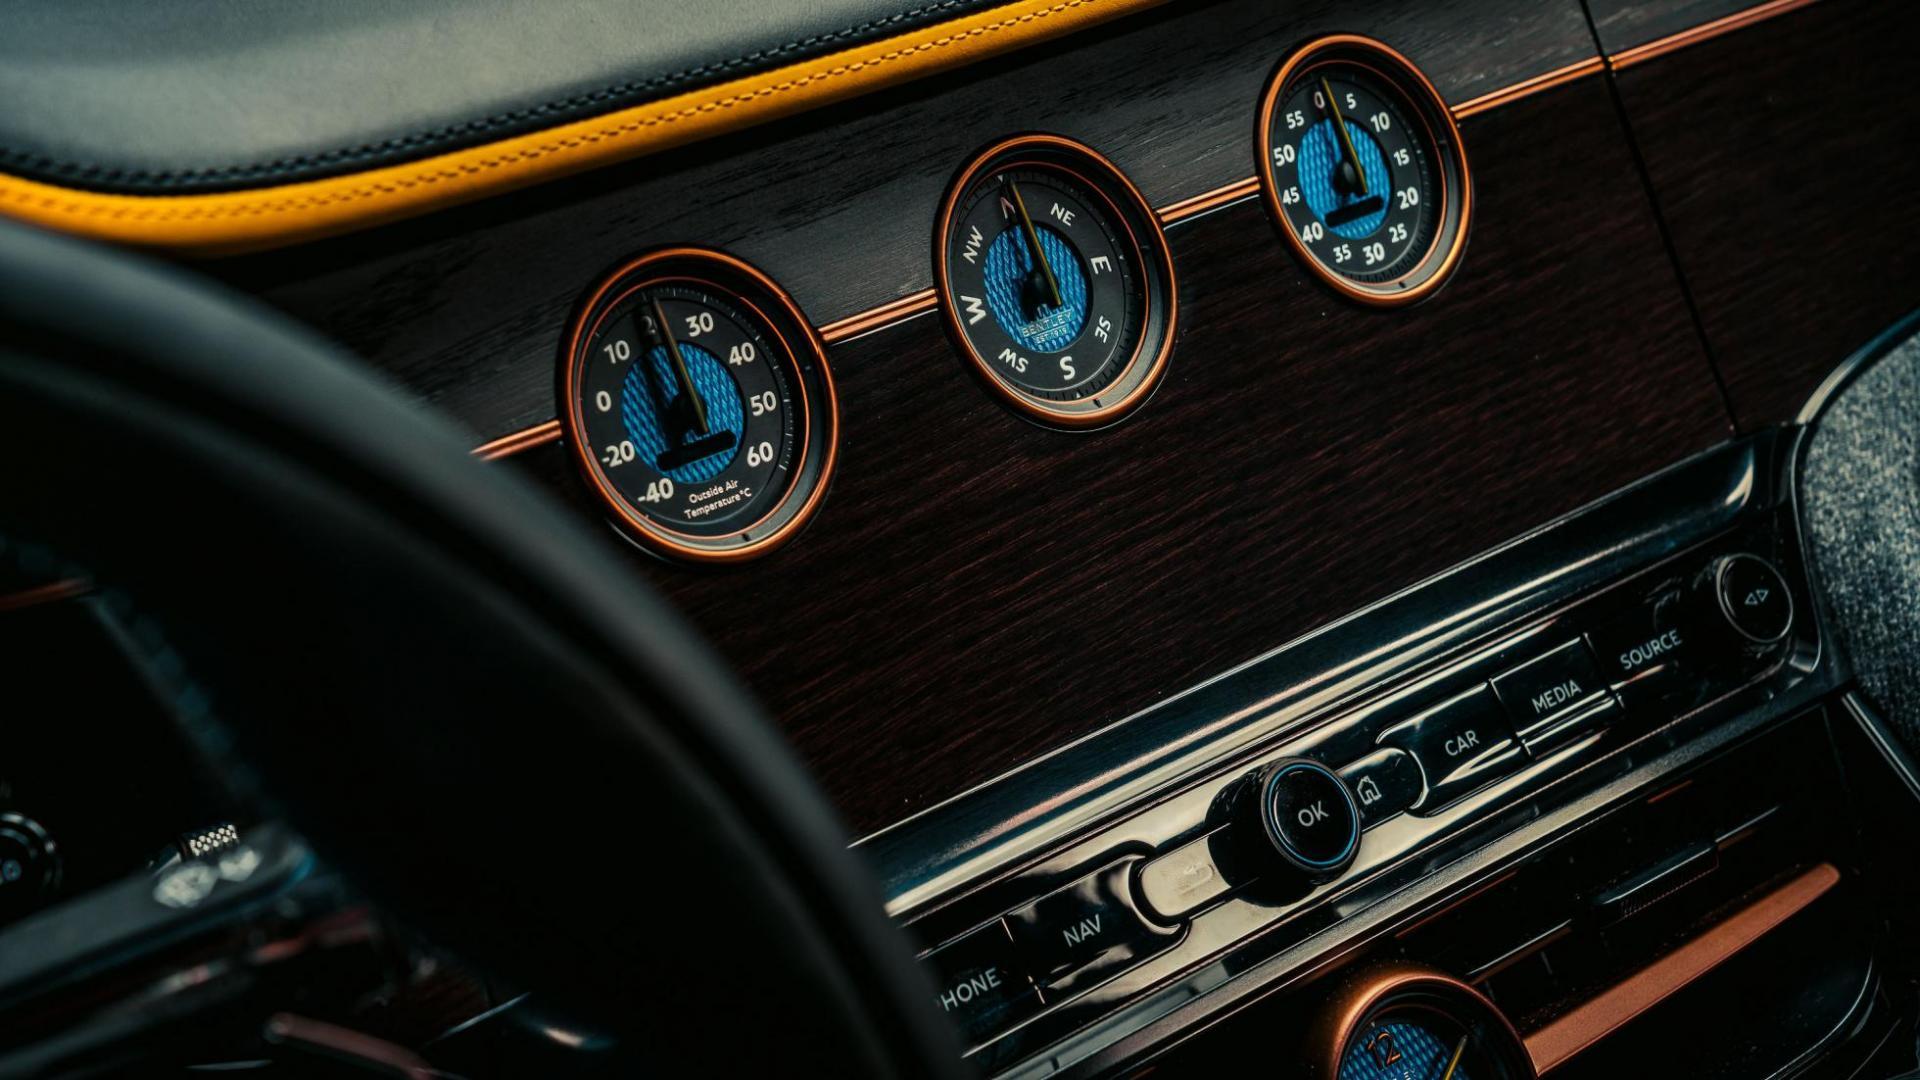 Bentley Mulliner Bacalar interieur dashboard meters